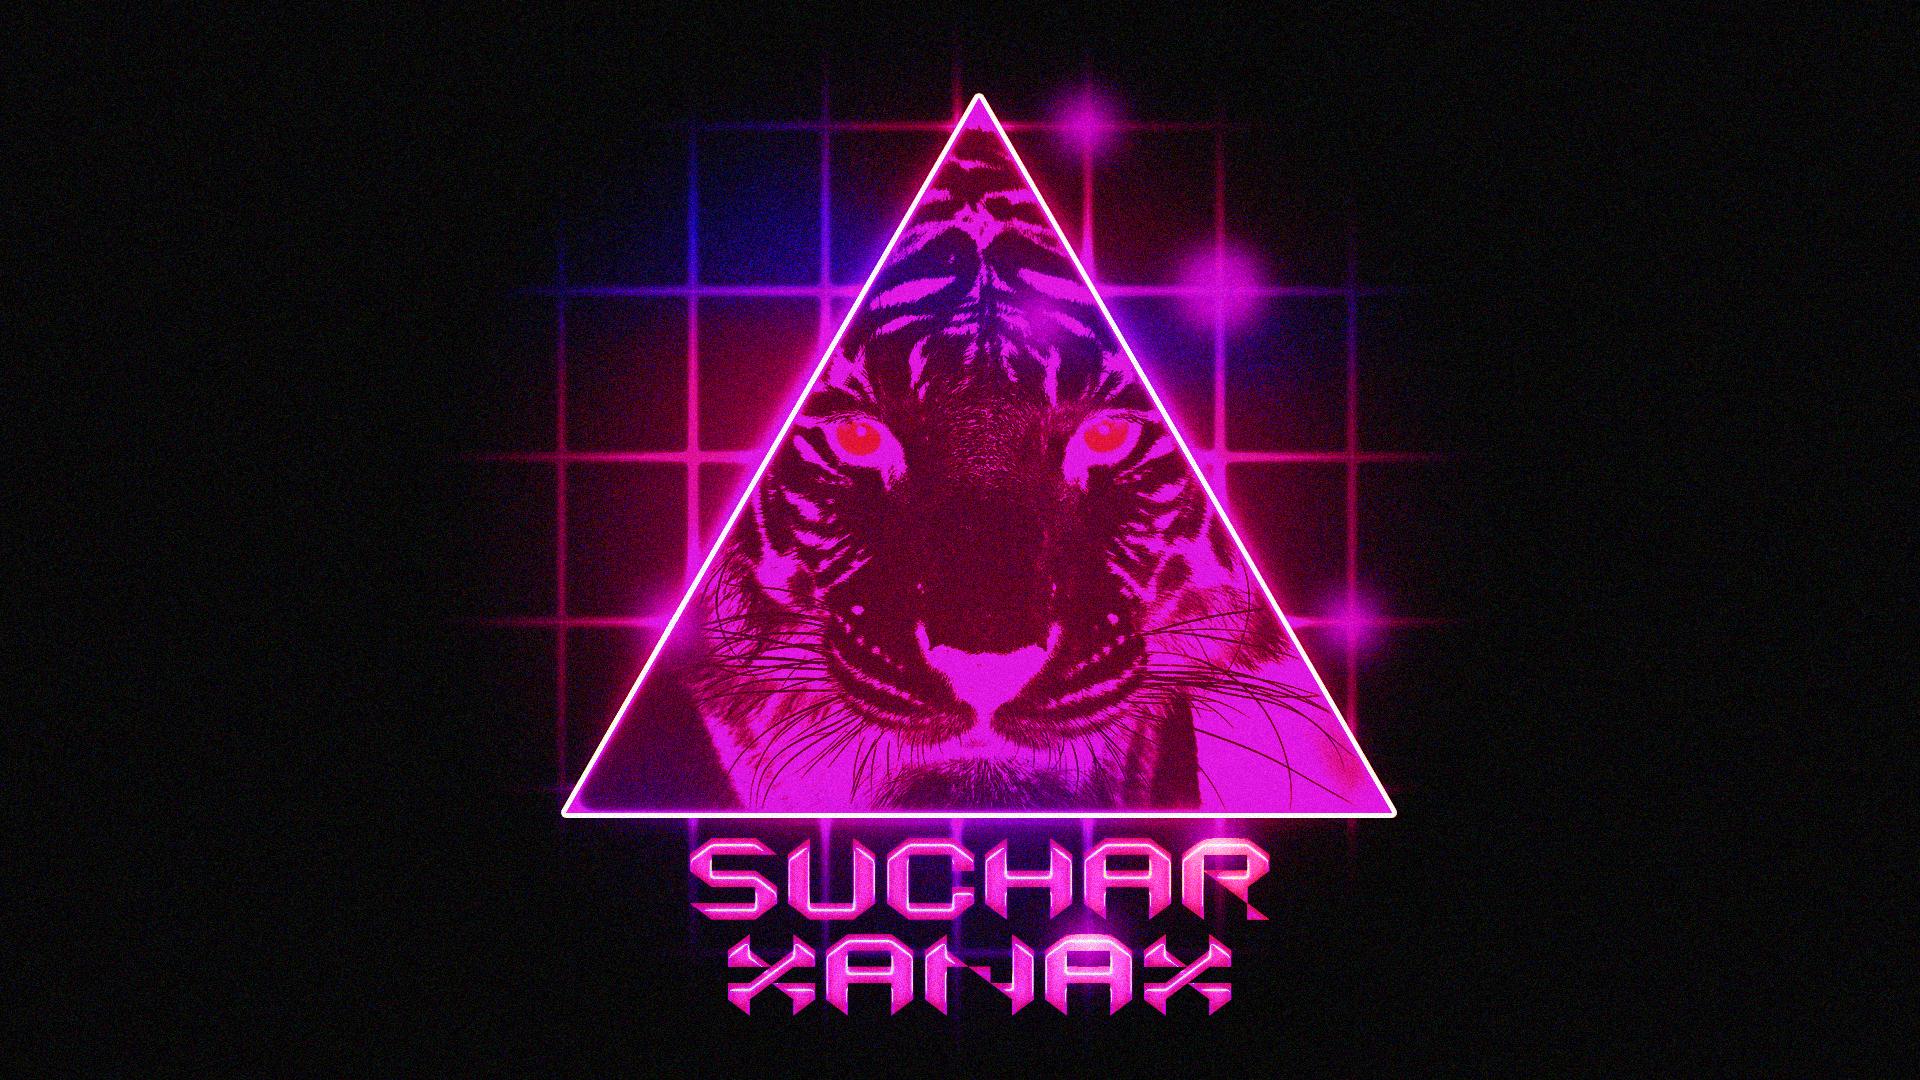 Suchar Xanax Wallpaper By Shoutrawr On Deviantart